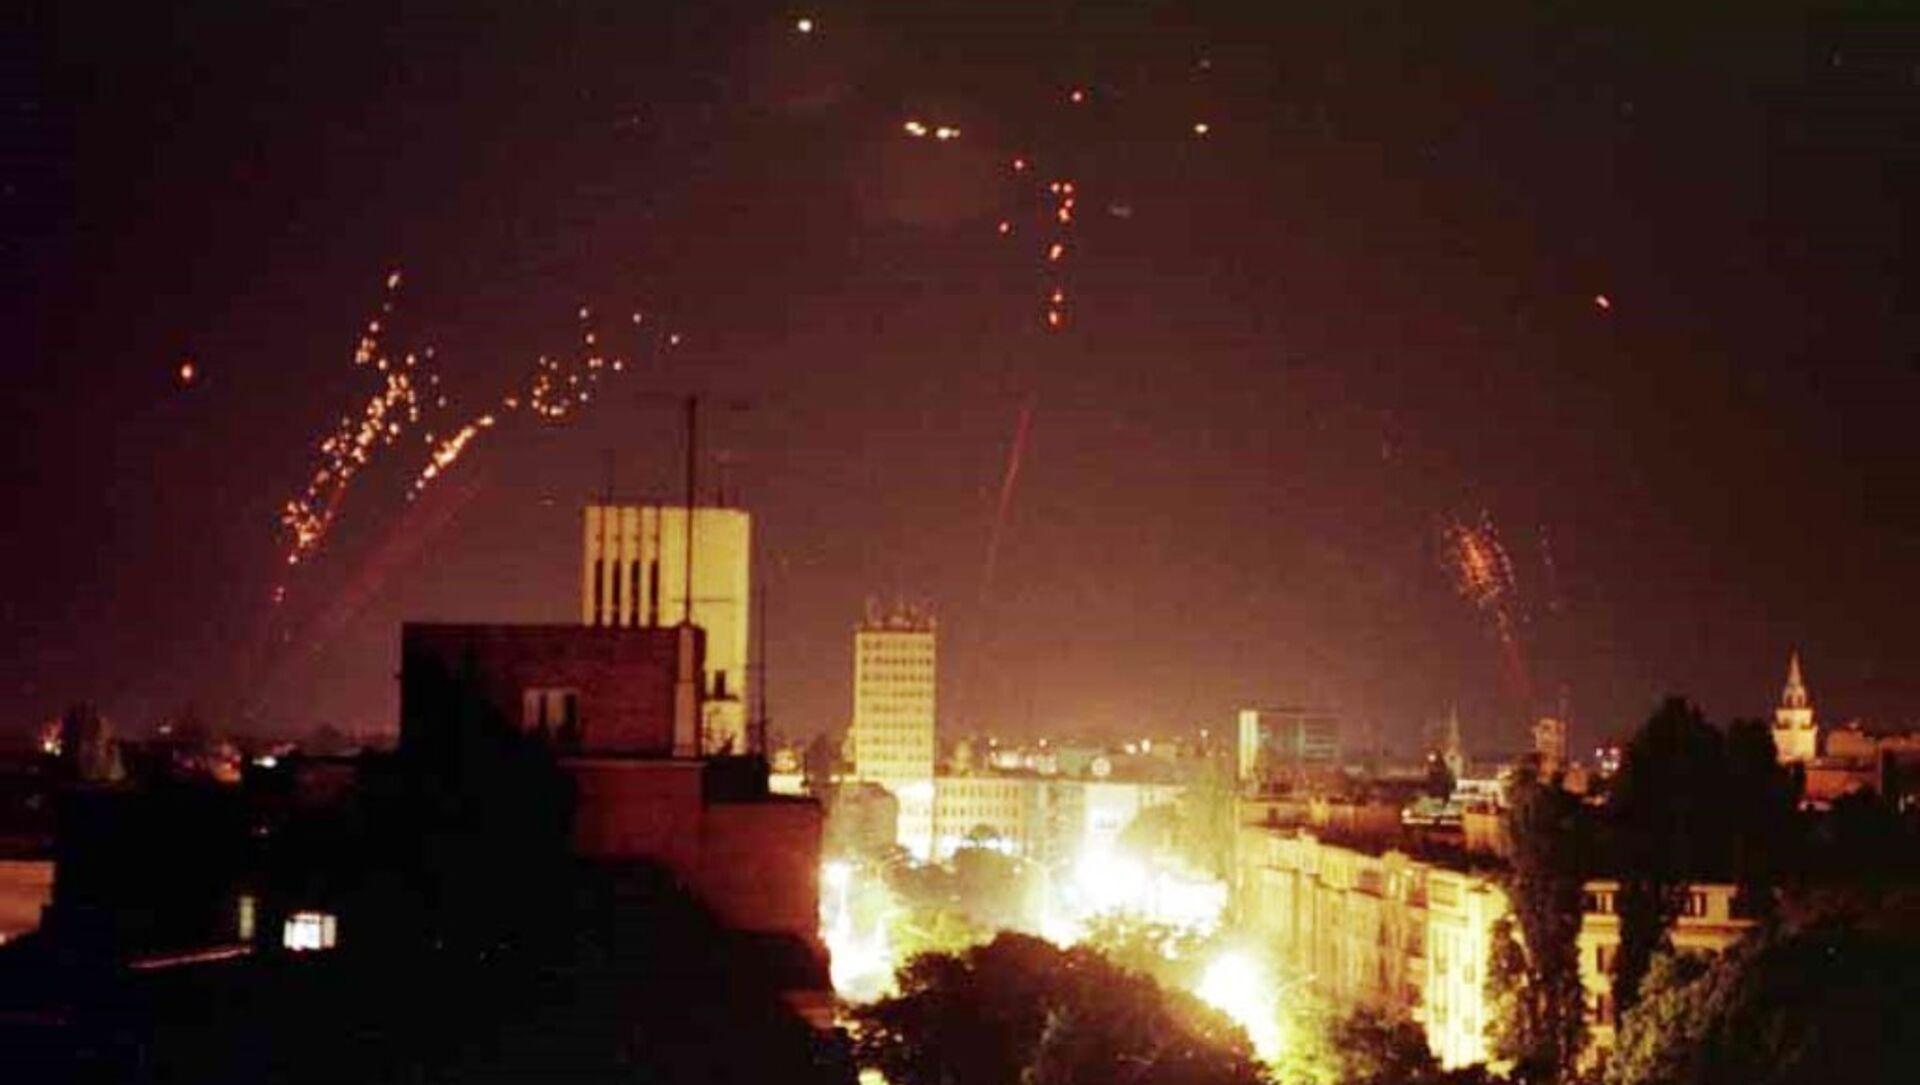 Нато бомбардовање СР Југославија.Против ваздушна одбрана покушава да обори НАТО бомбардере. - Sputnik Србија, 1920, 24.03.2021